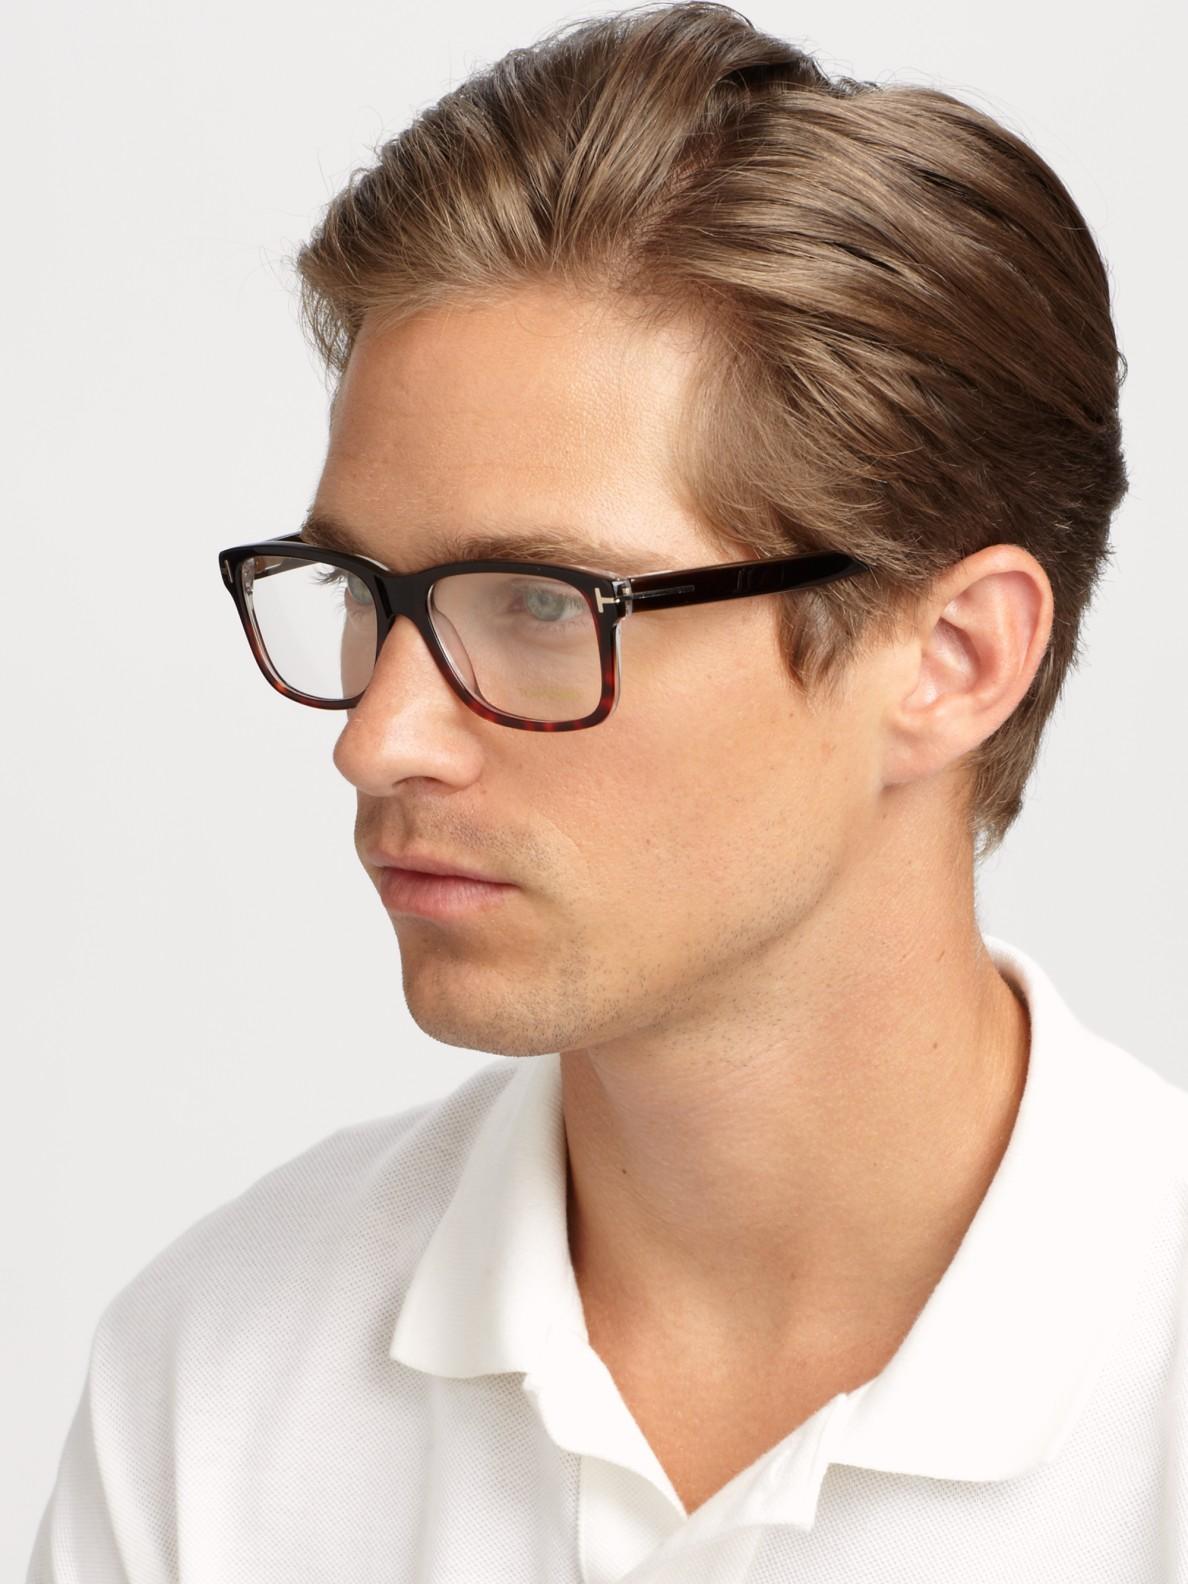 lyst tom ford 5163 square optical frames in brown for men. Black Bedroom Furniture Sets. Home Design Ideas